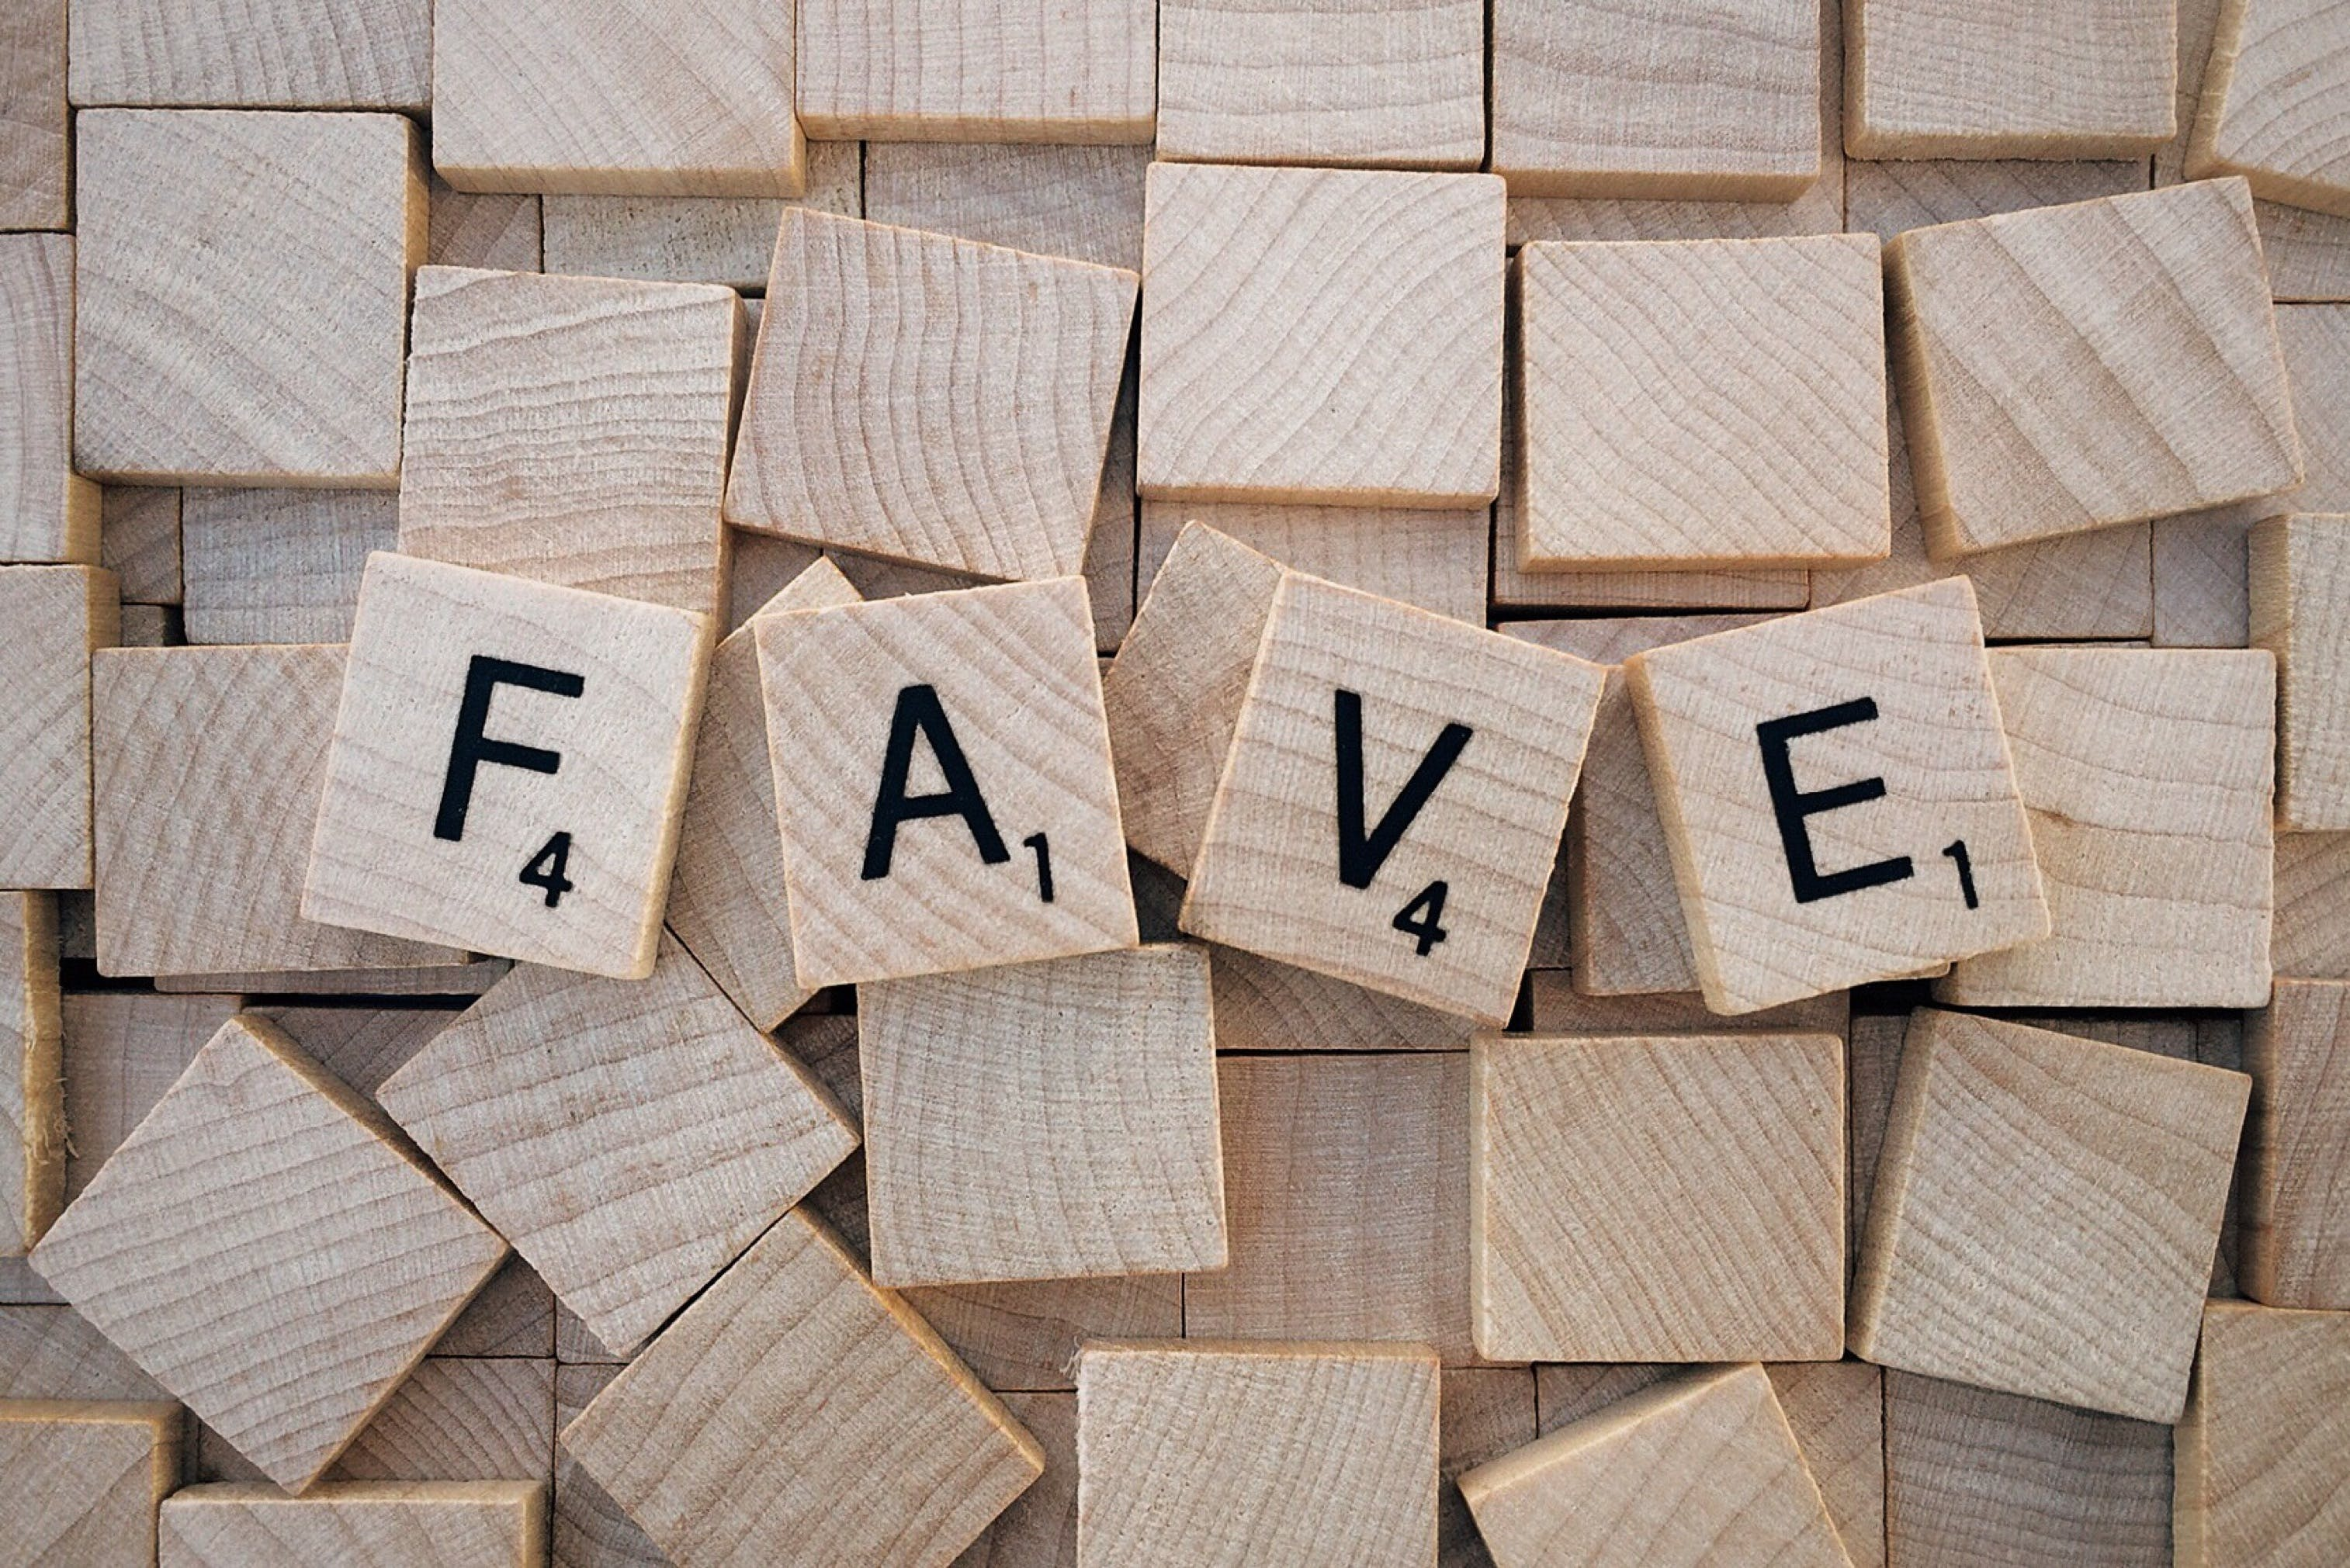 Fave Scrabble Piece